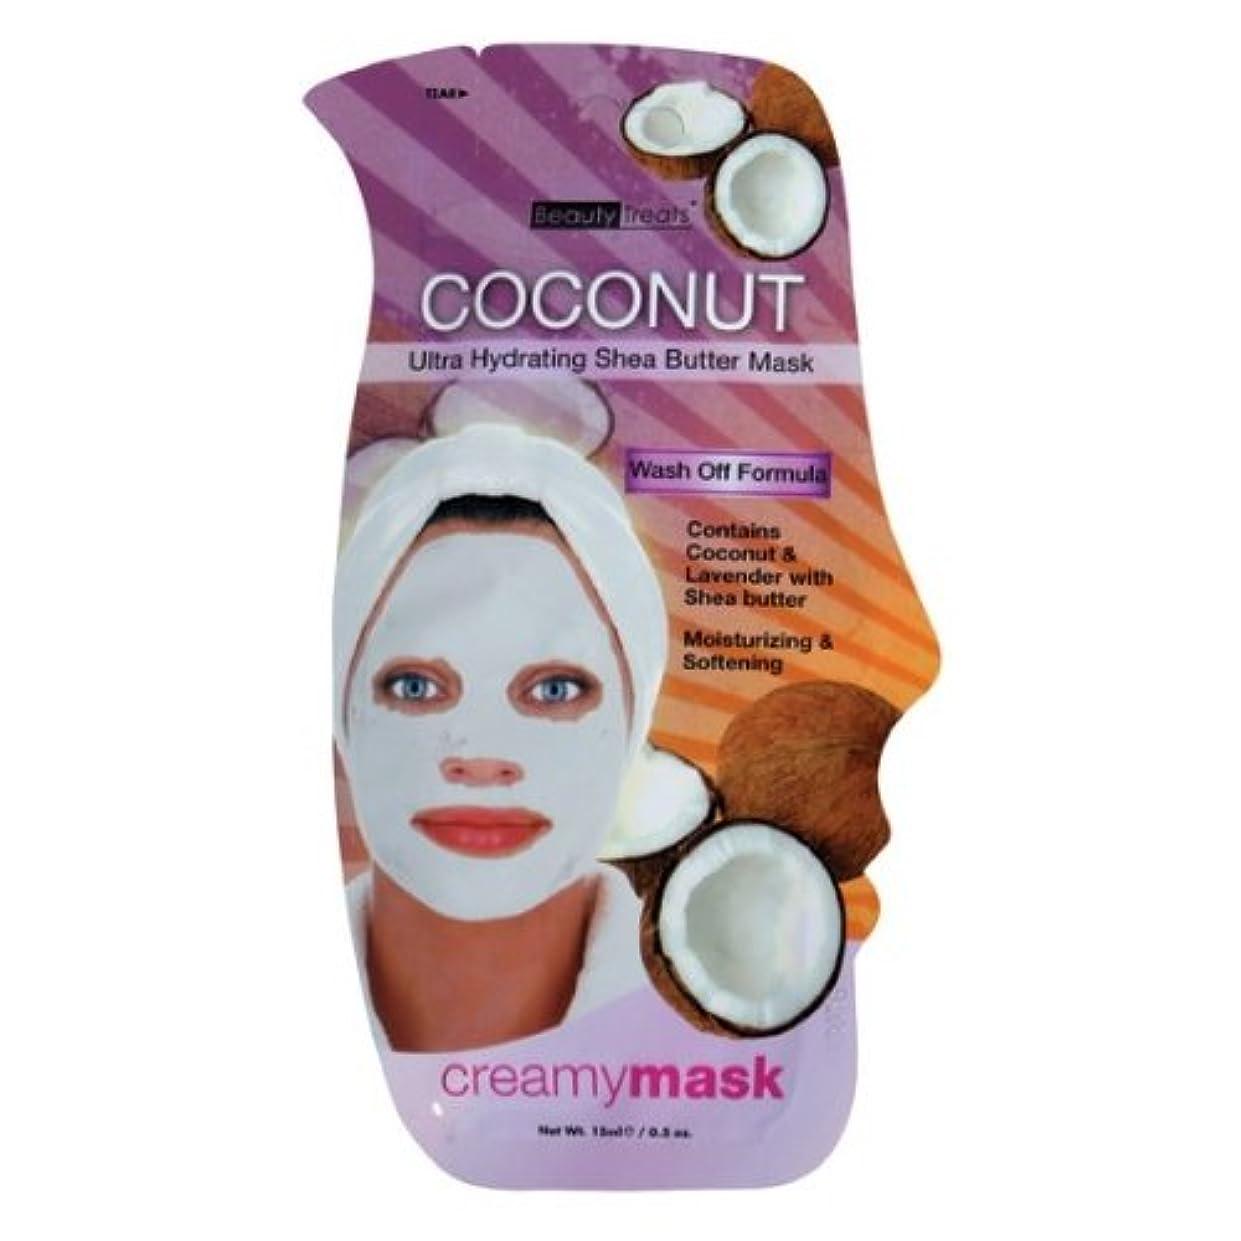 ジャンク初期まさに(3 Pack) BEAUTY TREATS Coconut Ultra Hydrating Shea Butter Mask - Coconut (並行輸入品)